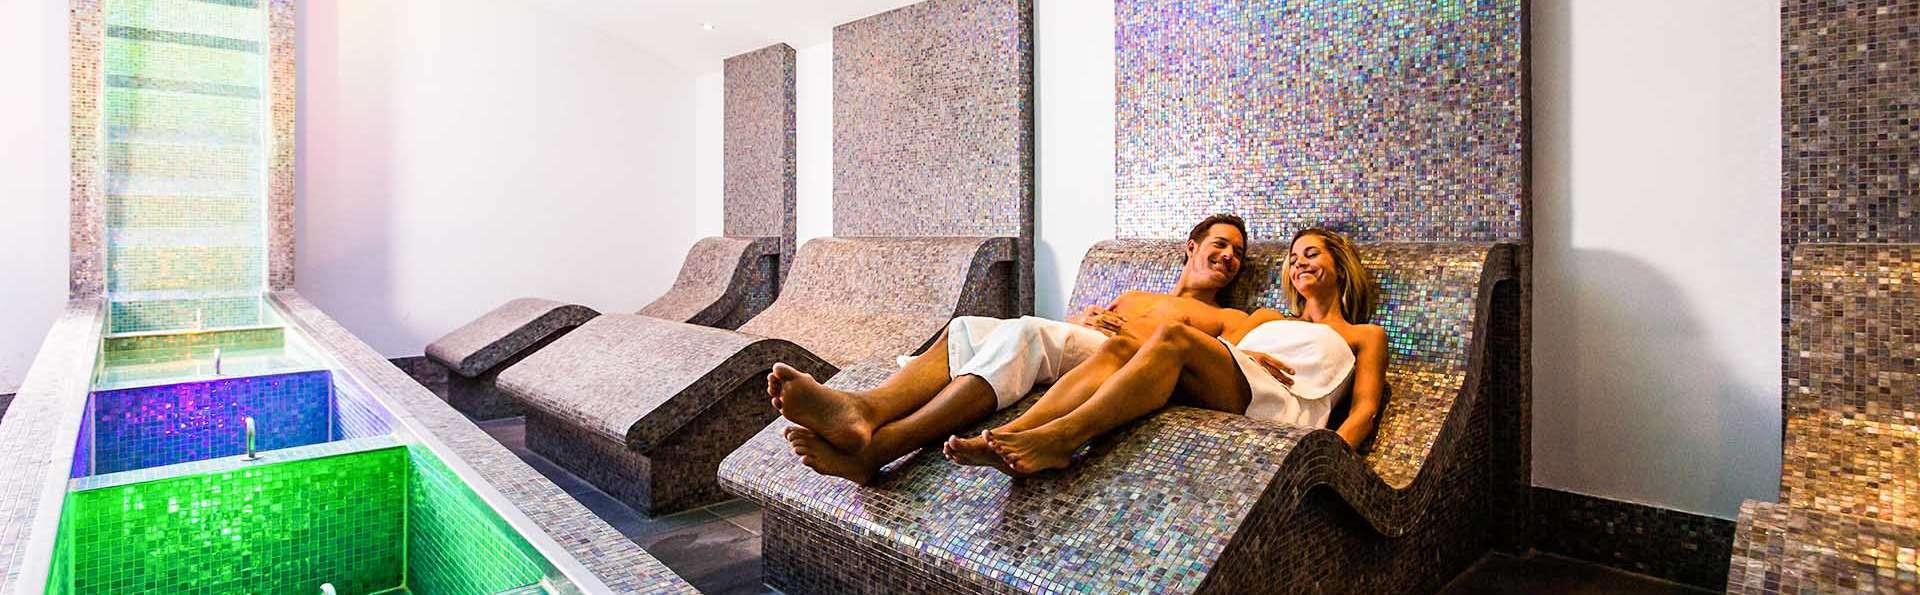 Relax en pareja con 2 días en Spa Zuiver y una cena de 3 platos incluida (desde 2 noches)